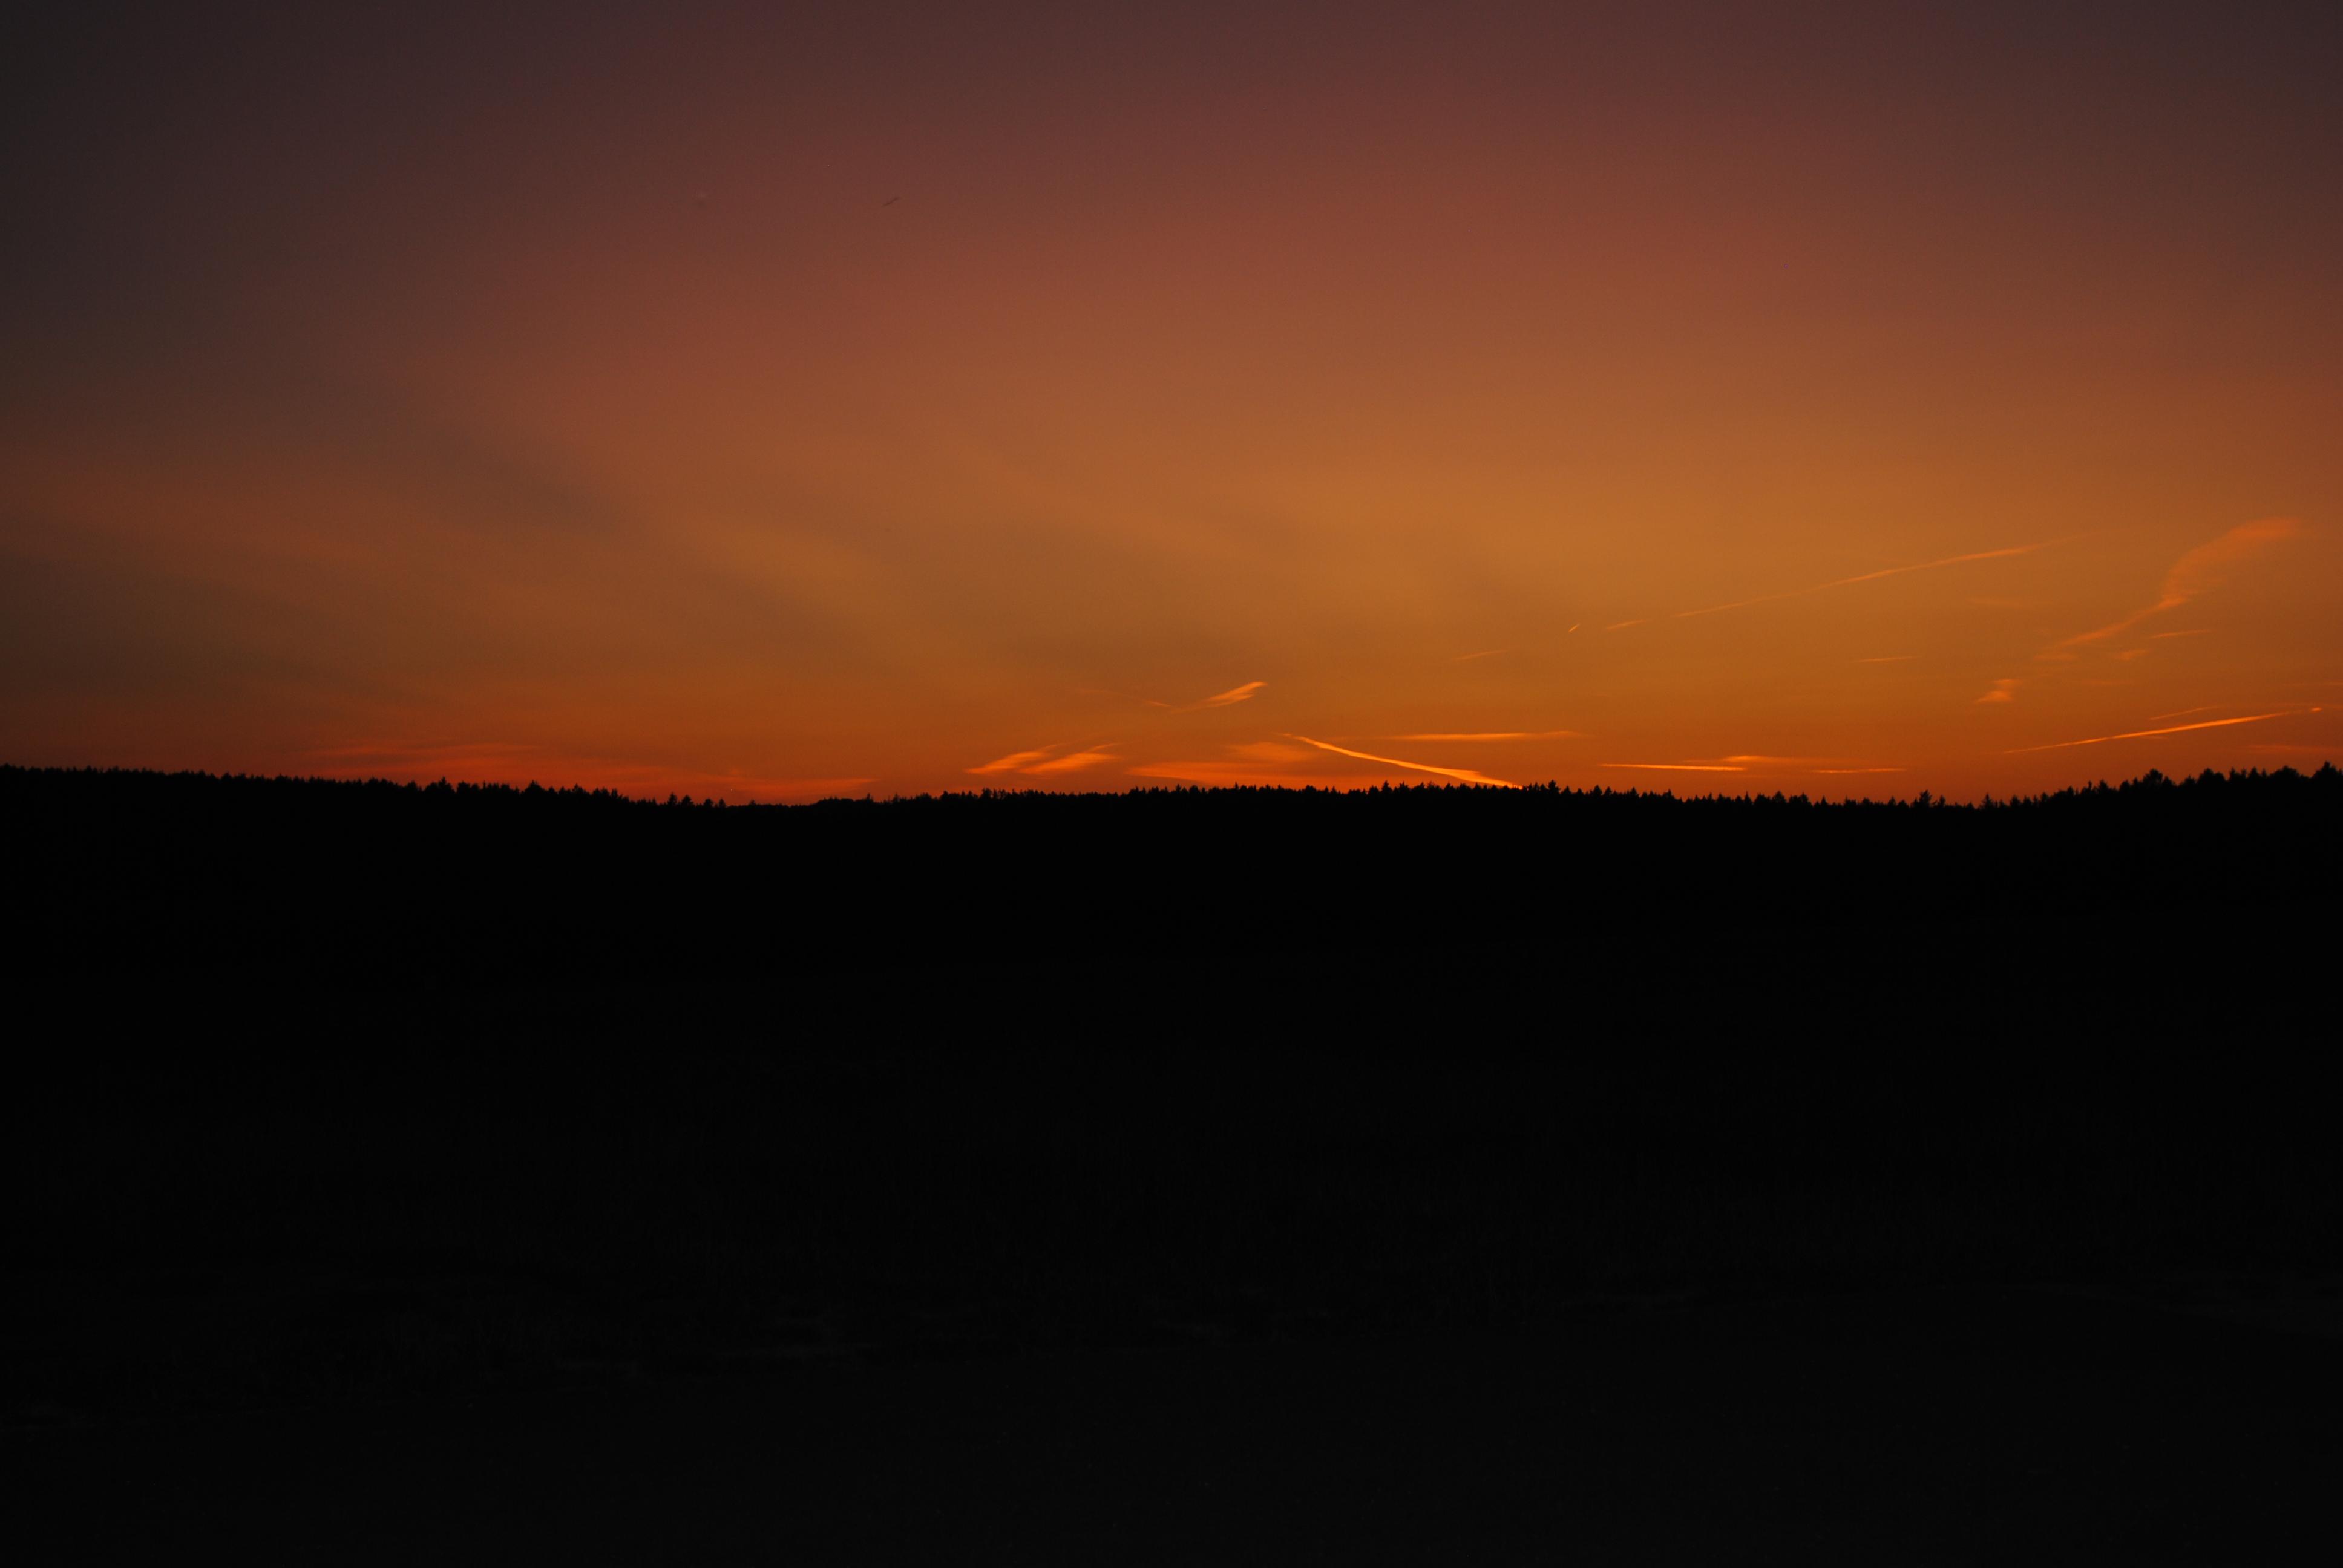 Der Hienheimer Forst bei Sonnenuntergang.